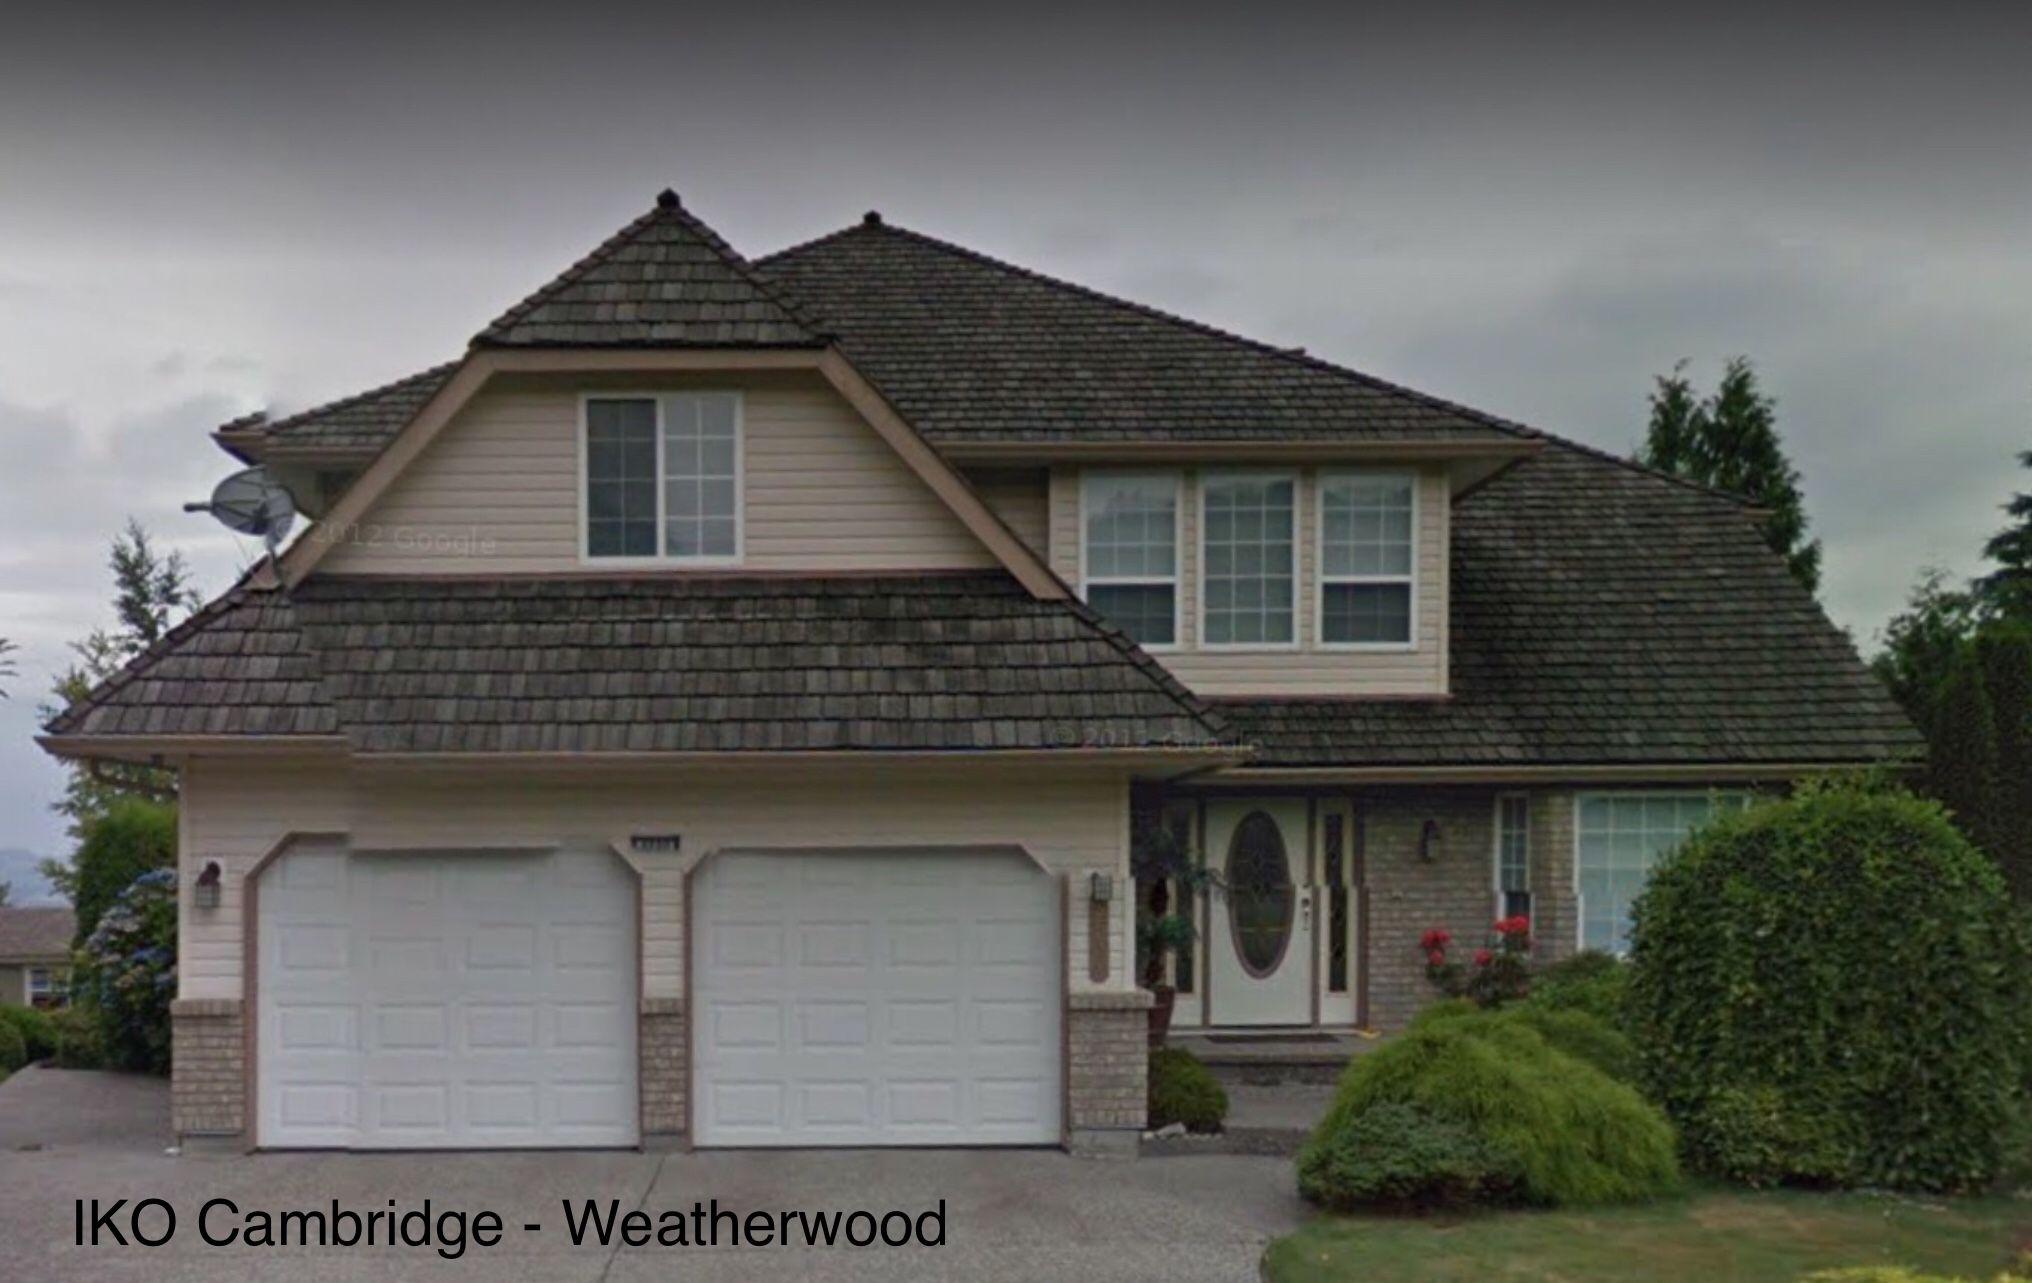 Best Iko Cambridge Weatherwood In 2019 Bungalow Exterior 400 x 300